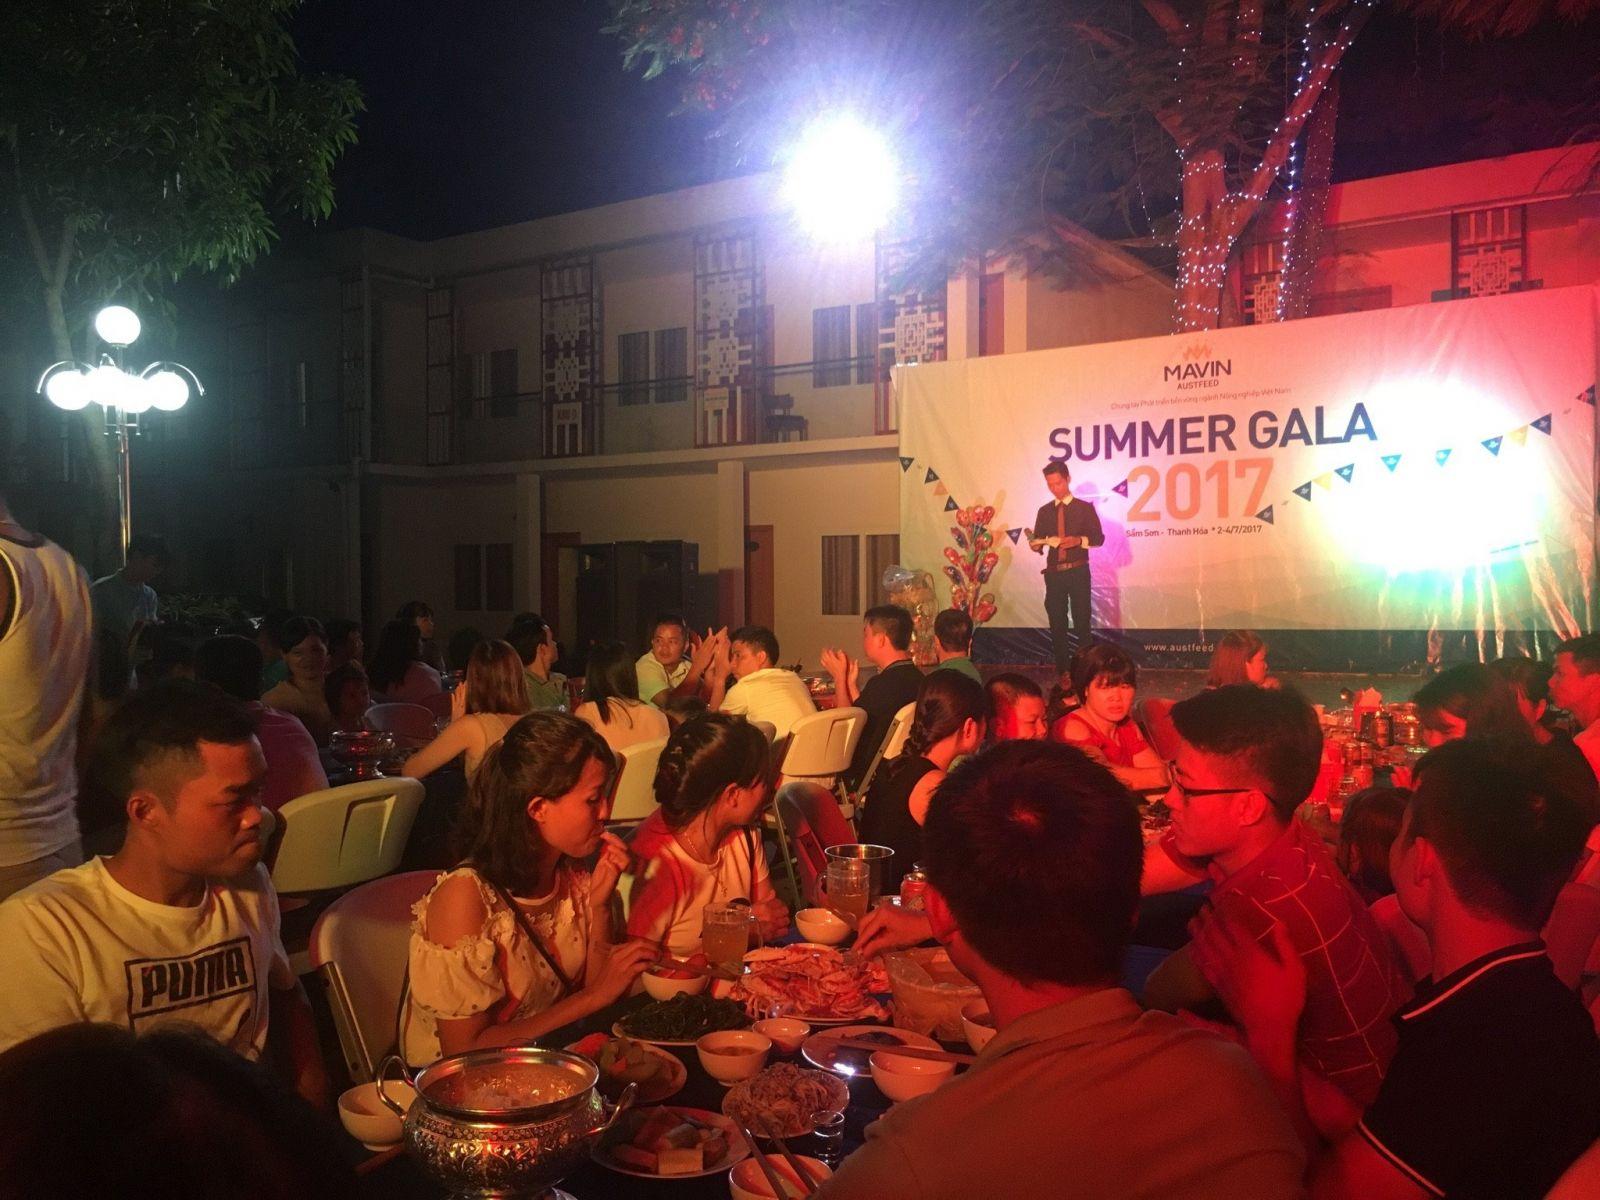 Đêm Gala dinner 2017 - Đêm của những nụ cười